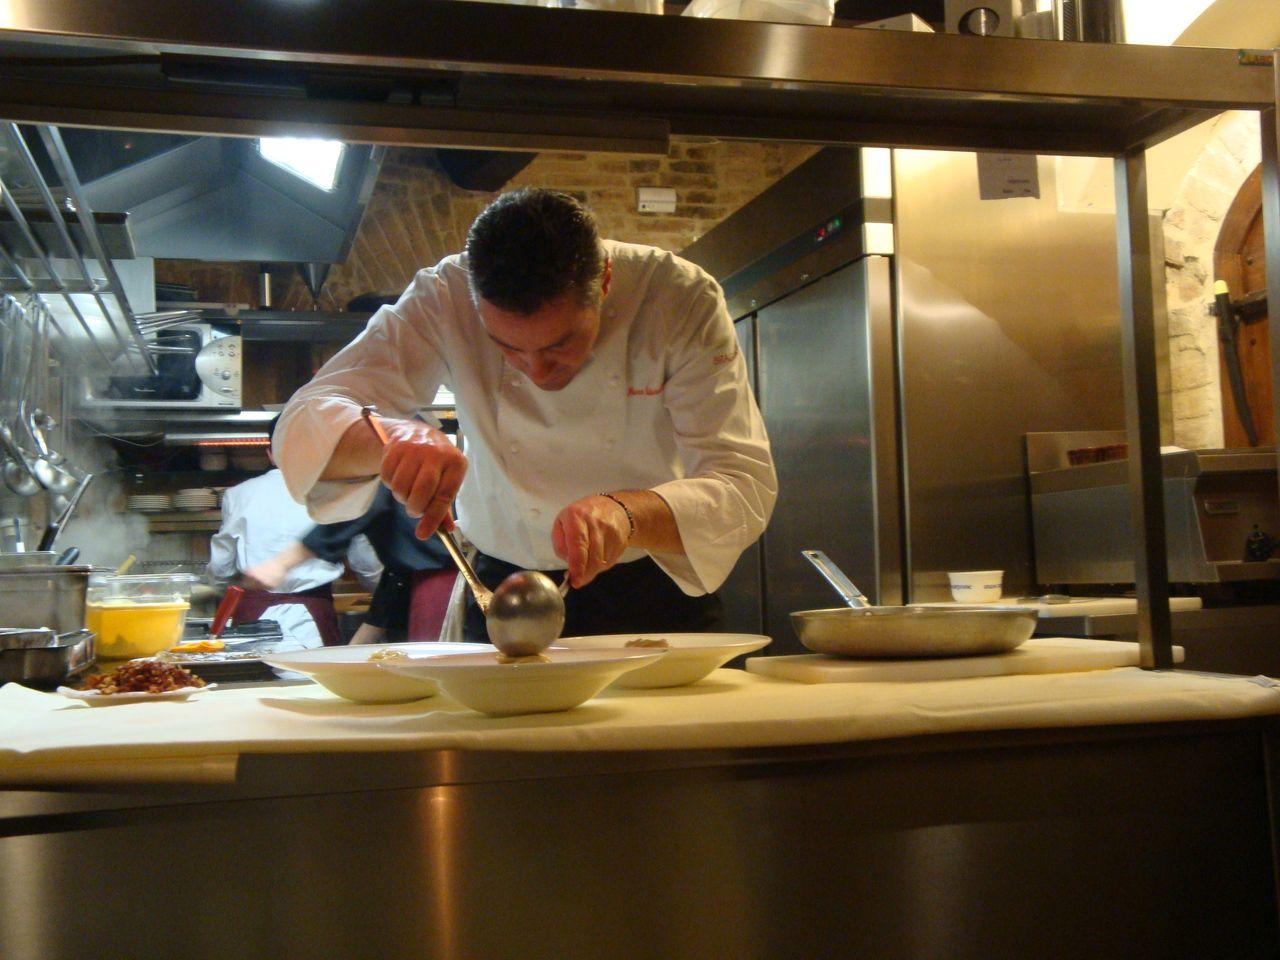 Lavoro nero io cuoco sfruttato - Corsi di cucina genova ...